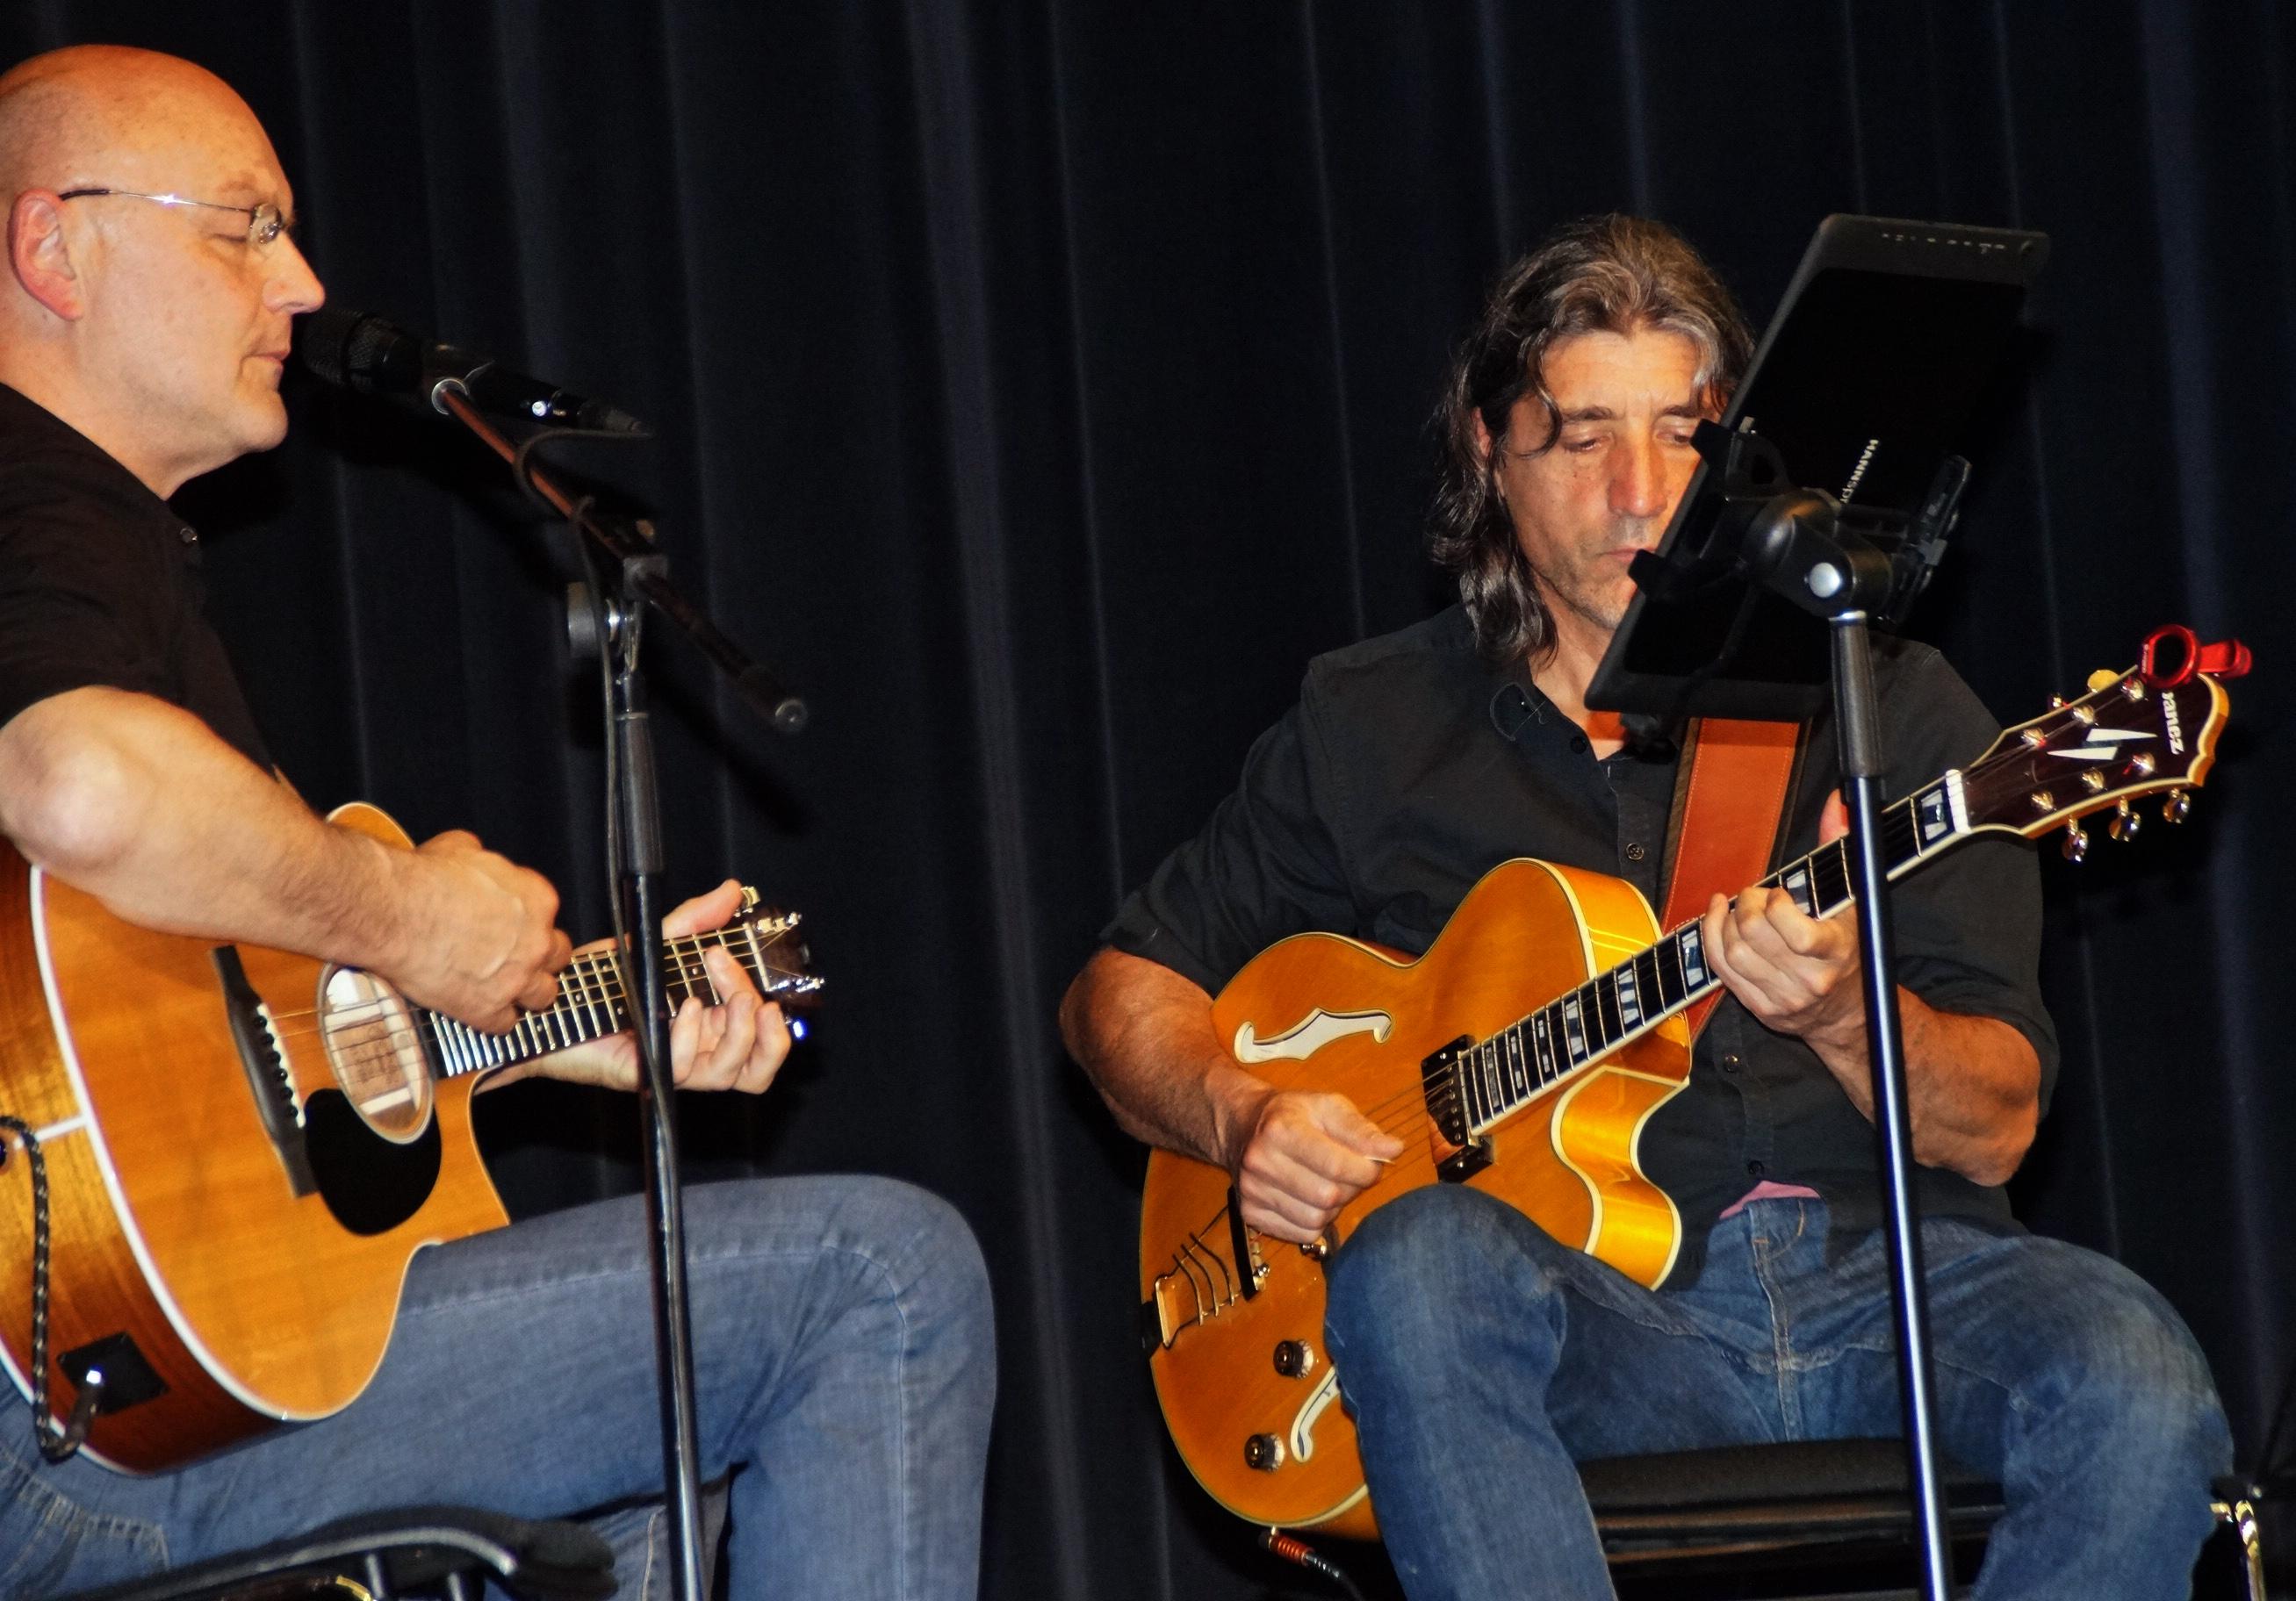 Die Gitarristen Jürgen Zach & Cyrus Saleki umrahmten den Abend mit einem gelungen Song-Mix